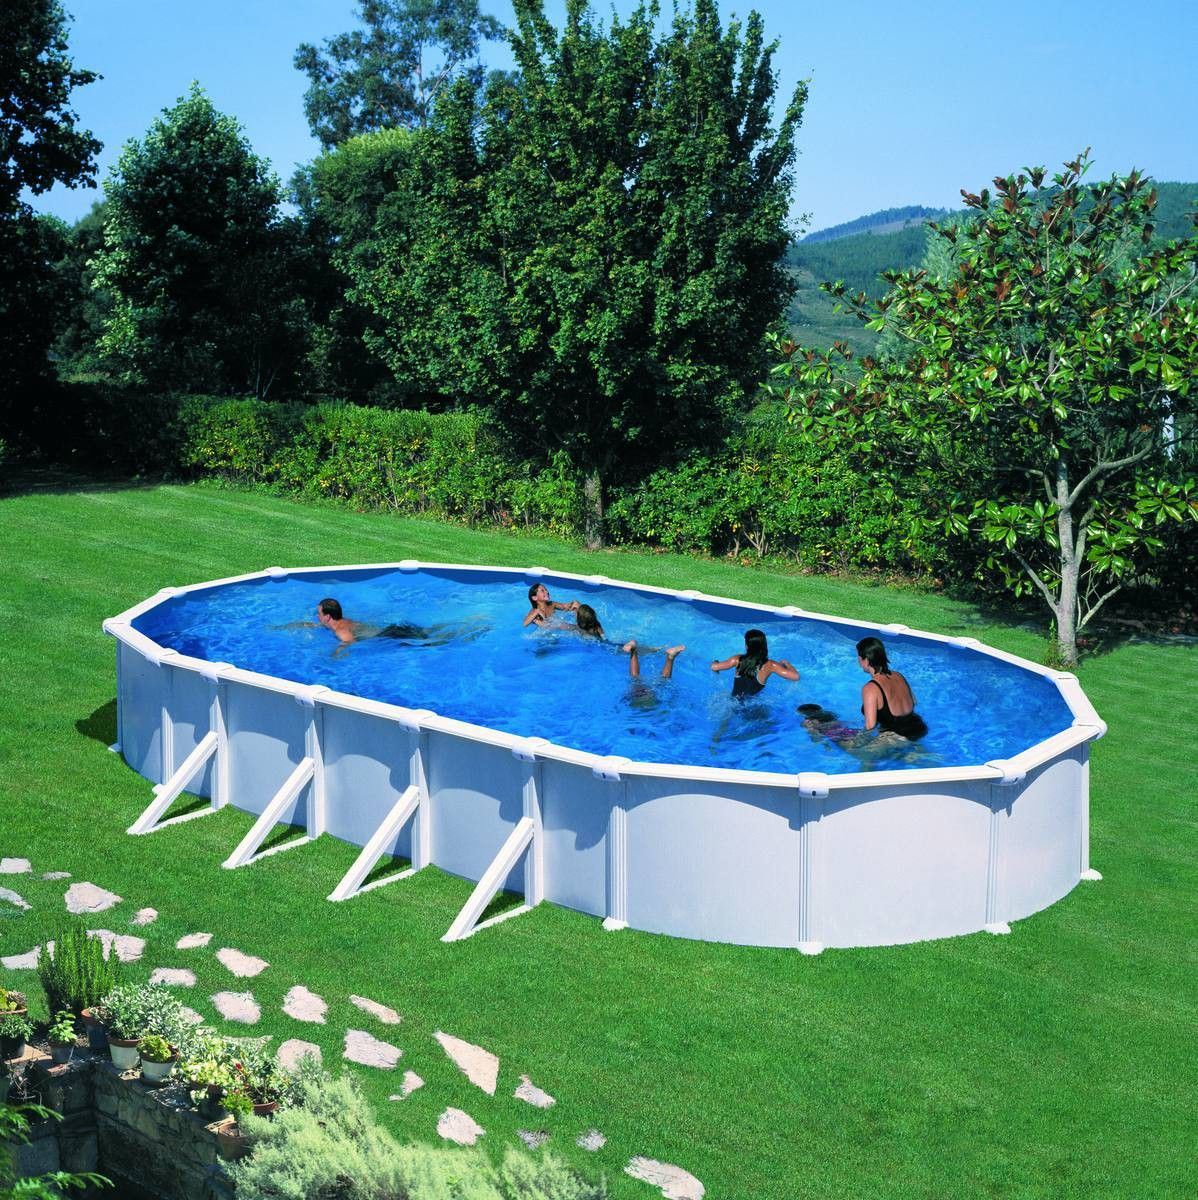 12 Piscine Gre D915x470 H132 Acier Hors Sol Ovale Dream Pool Atlantis Lekingstore Commandez La Sur Lekingstore C Piscine Hors Sol Piscines De Reve Piscine